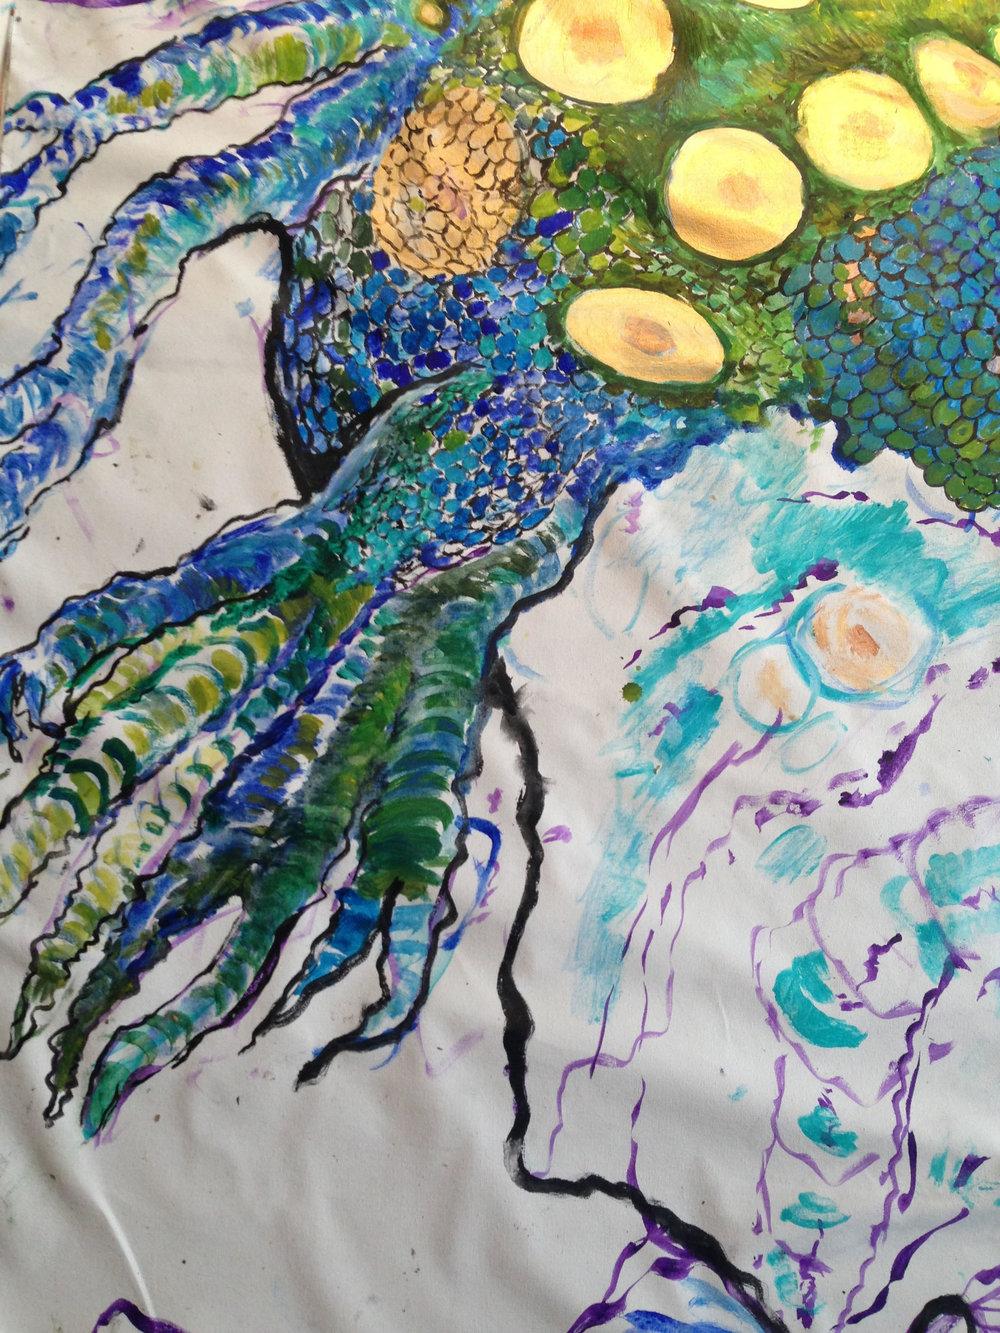 mural stage 7 detail.jpg